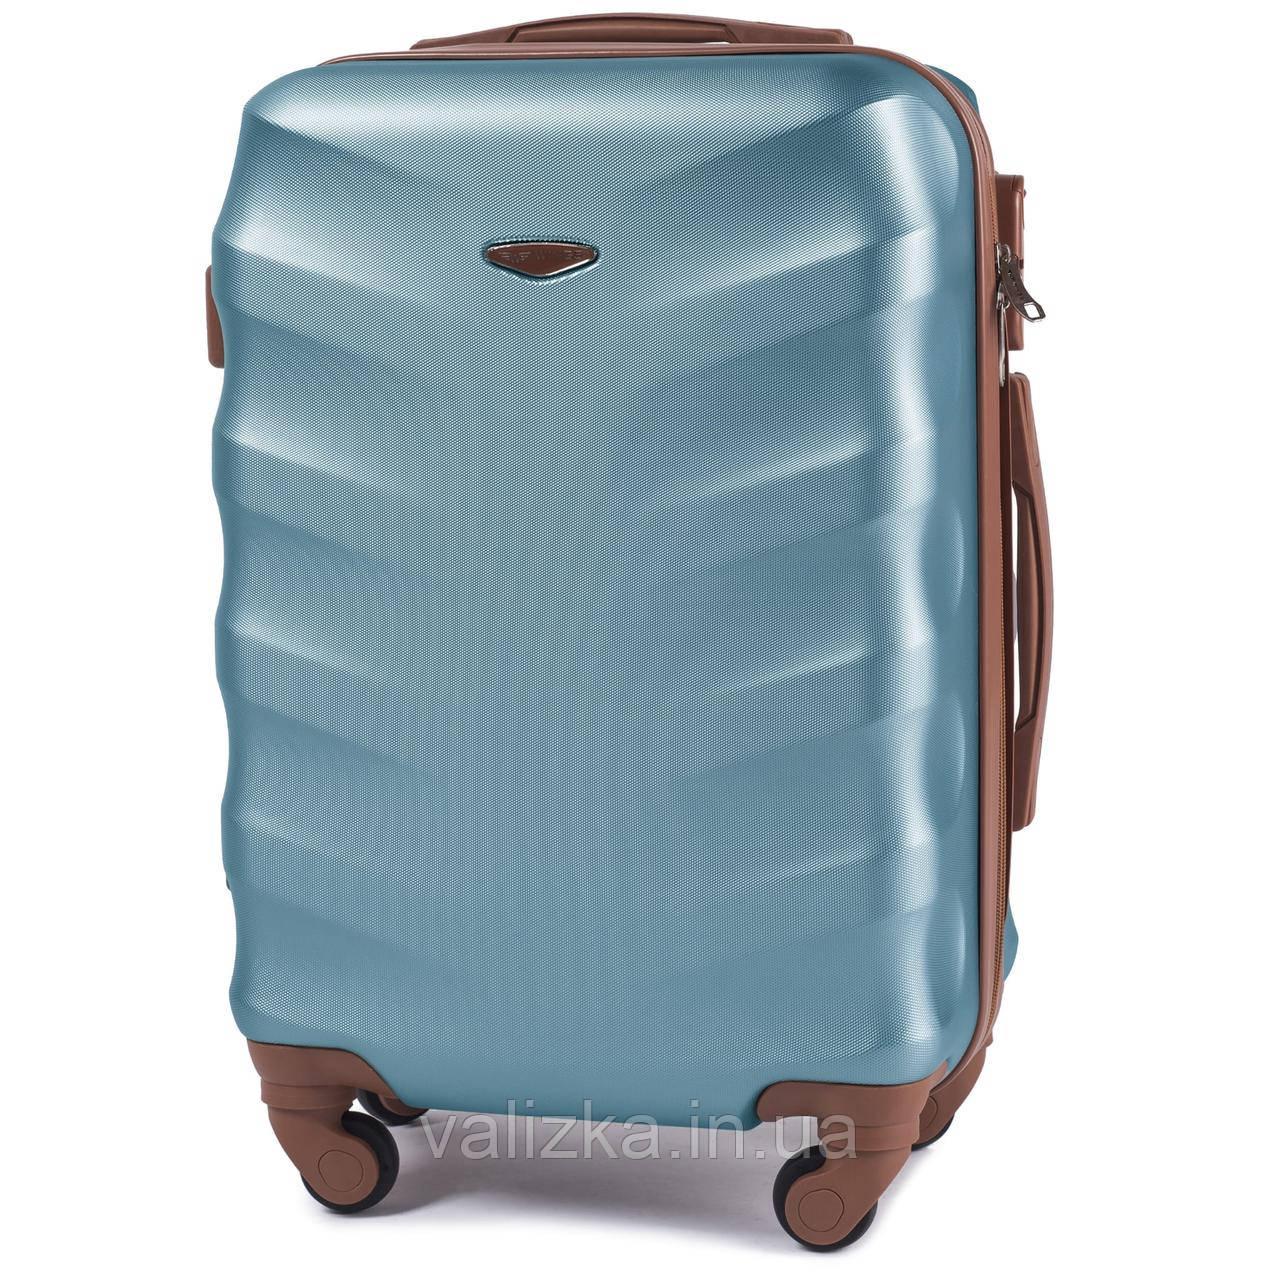 Чемодан из поликарбоната малый S+ ручная кладь Wings с кофейной фурнитурой на 4-х колесах голубой